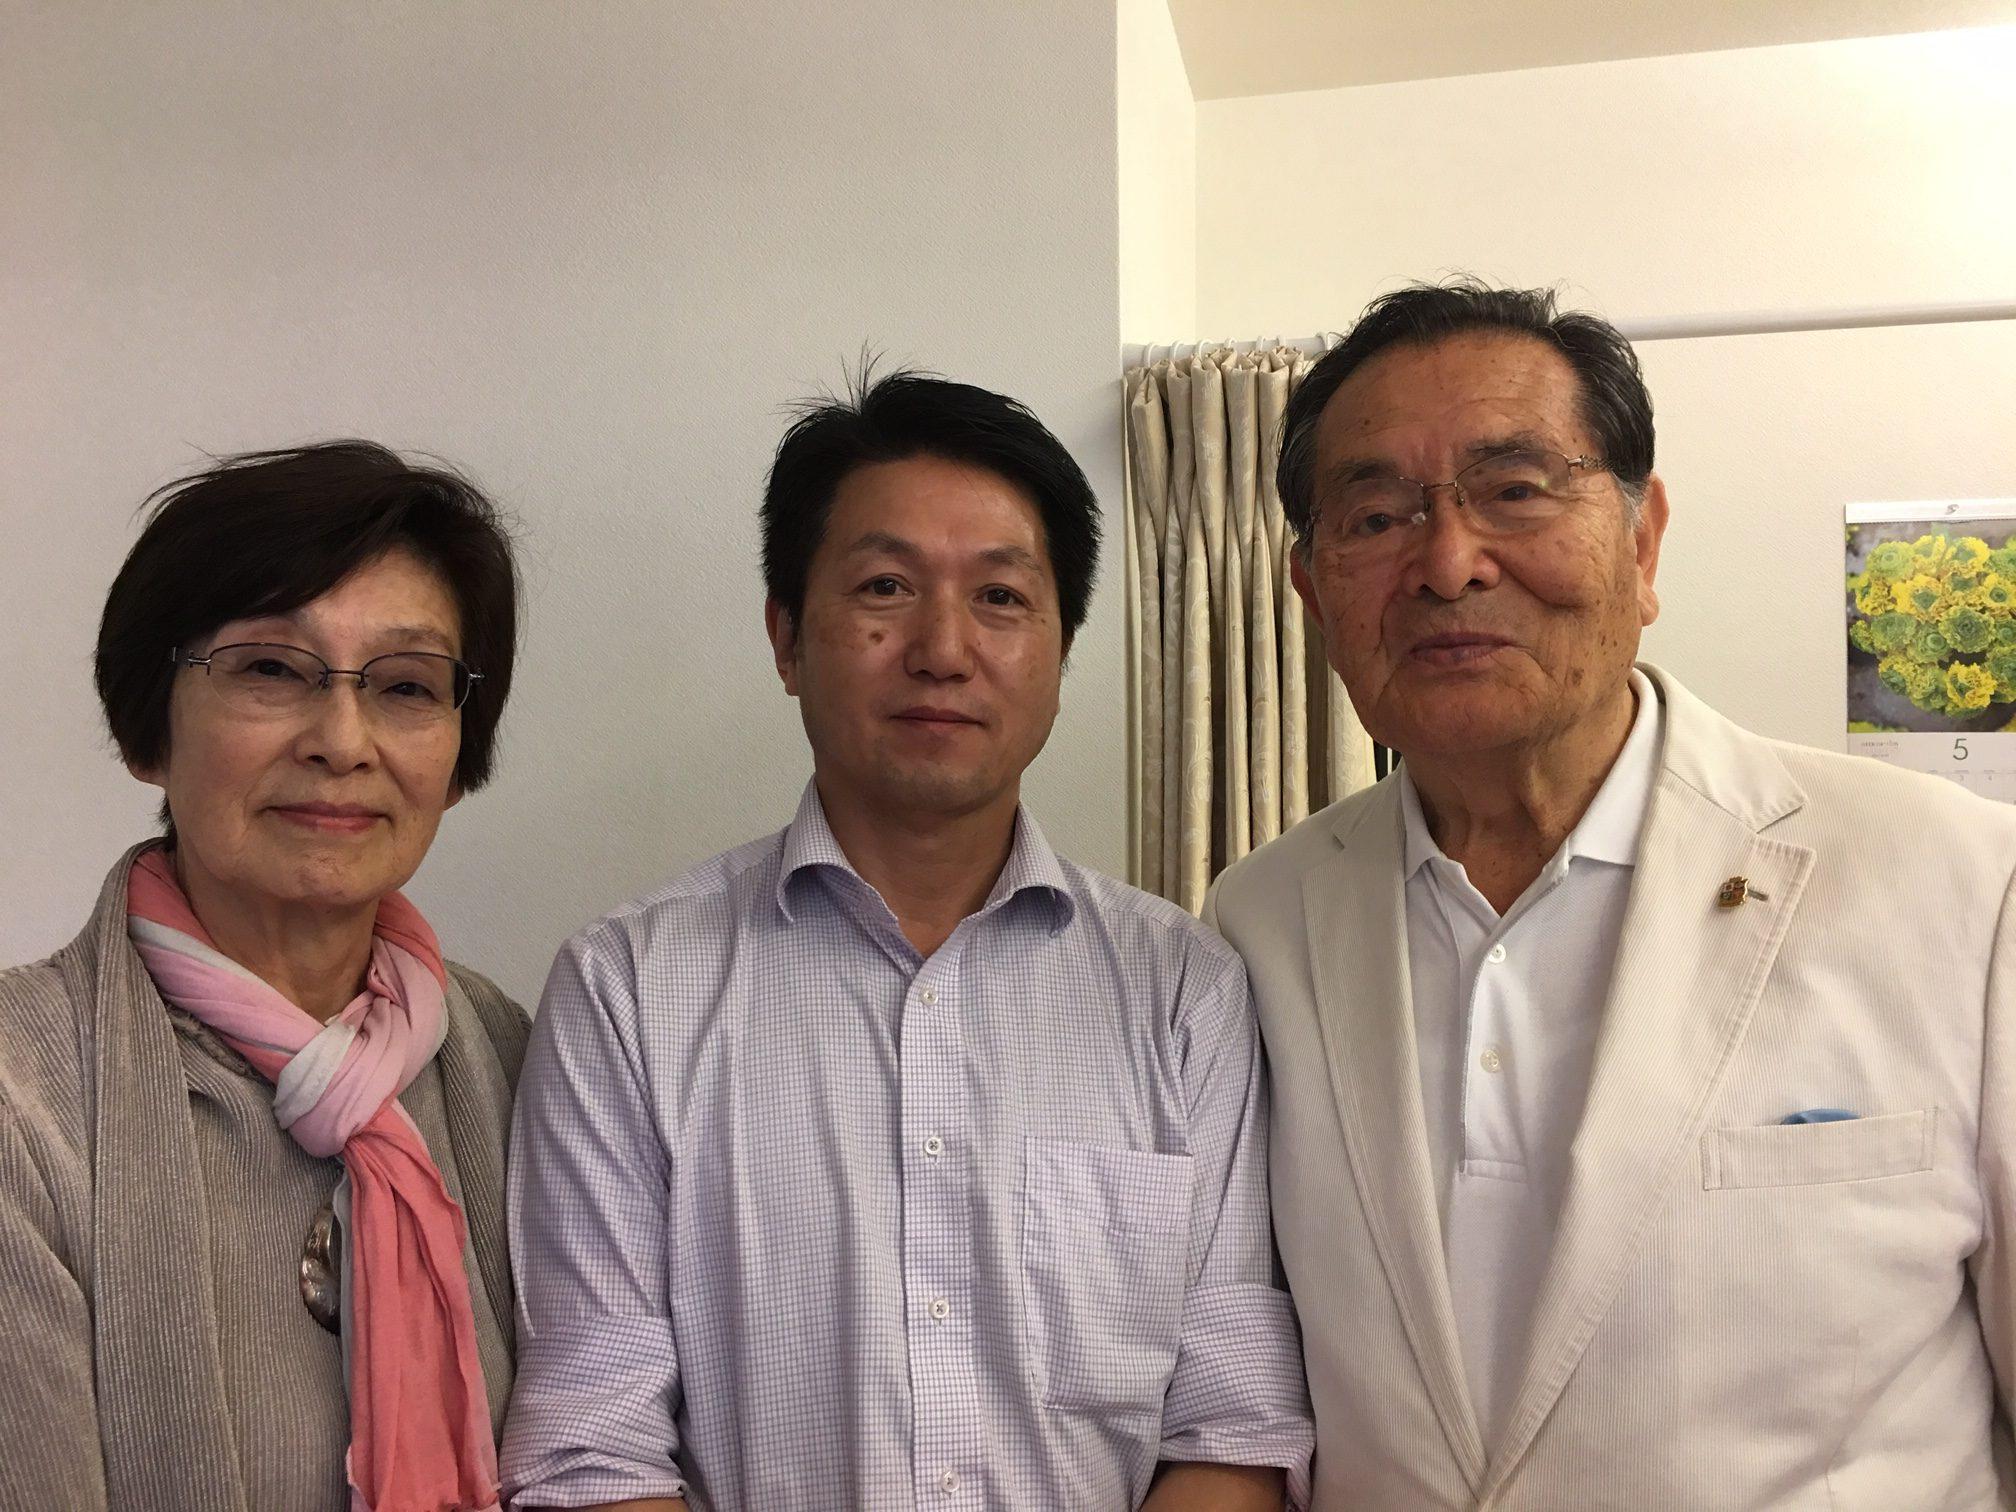 日本のラグビーの神様:脳梗塞のリハビリ